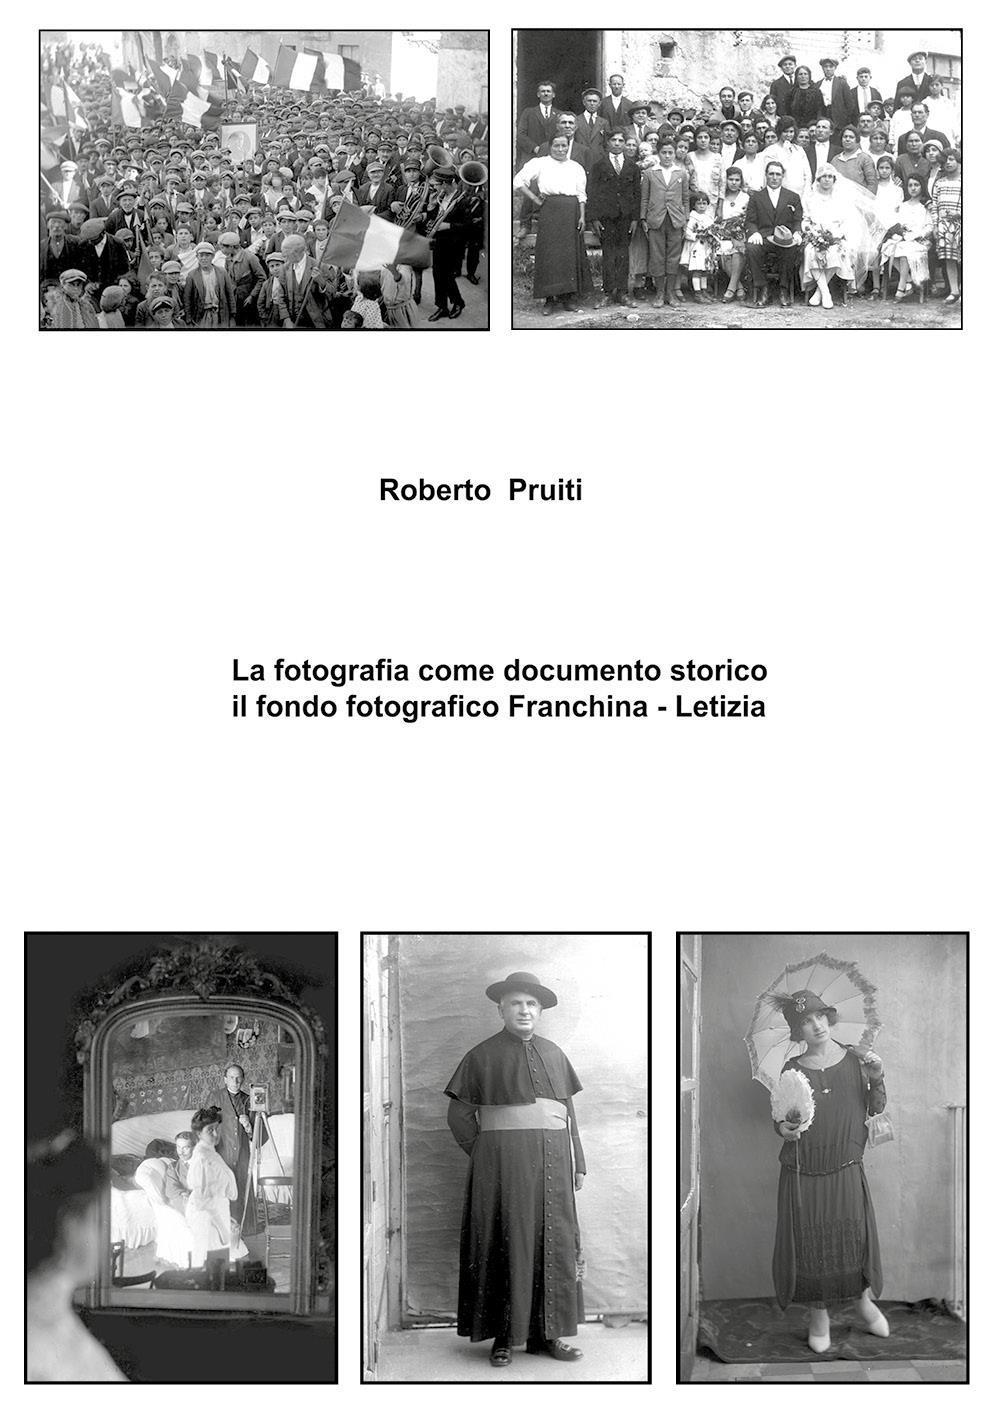 La fotografia come documento storico: il fondo fotografico Franchina - Letizia